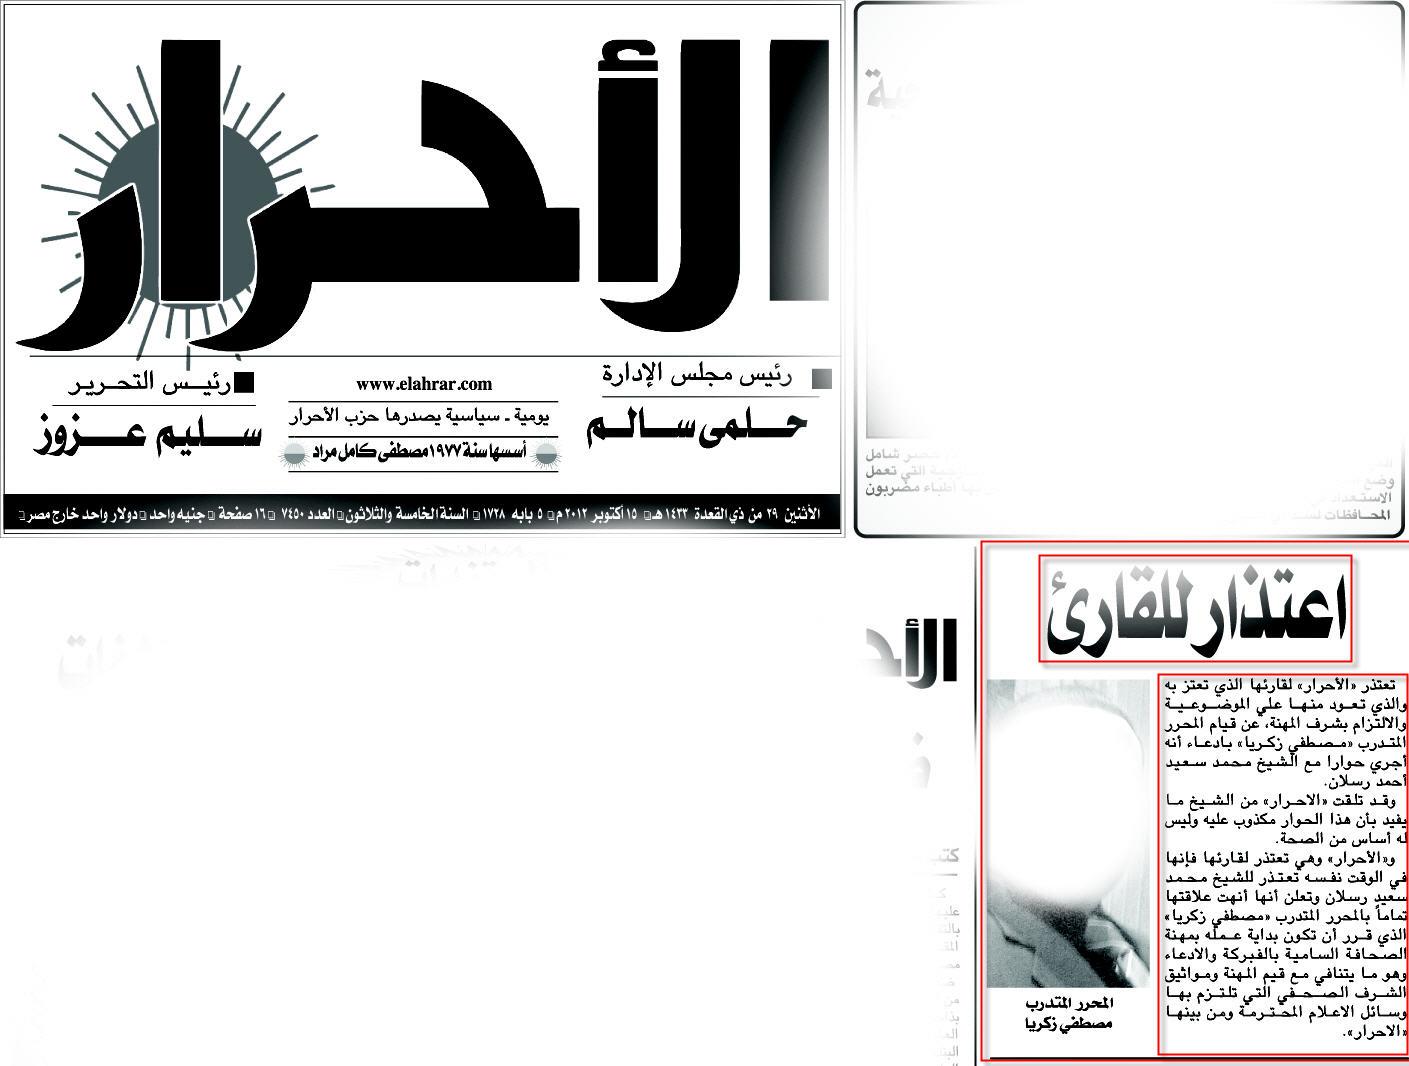 اعتذار جريدة الأحرار